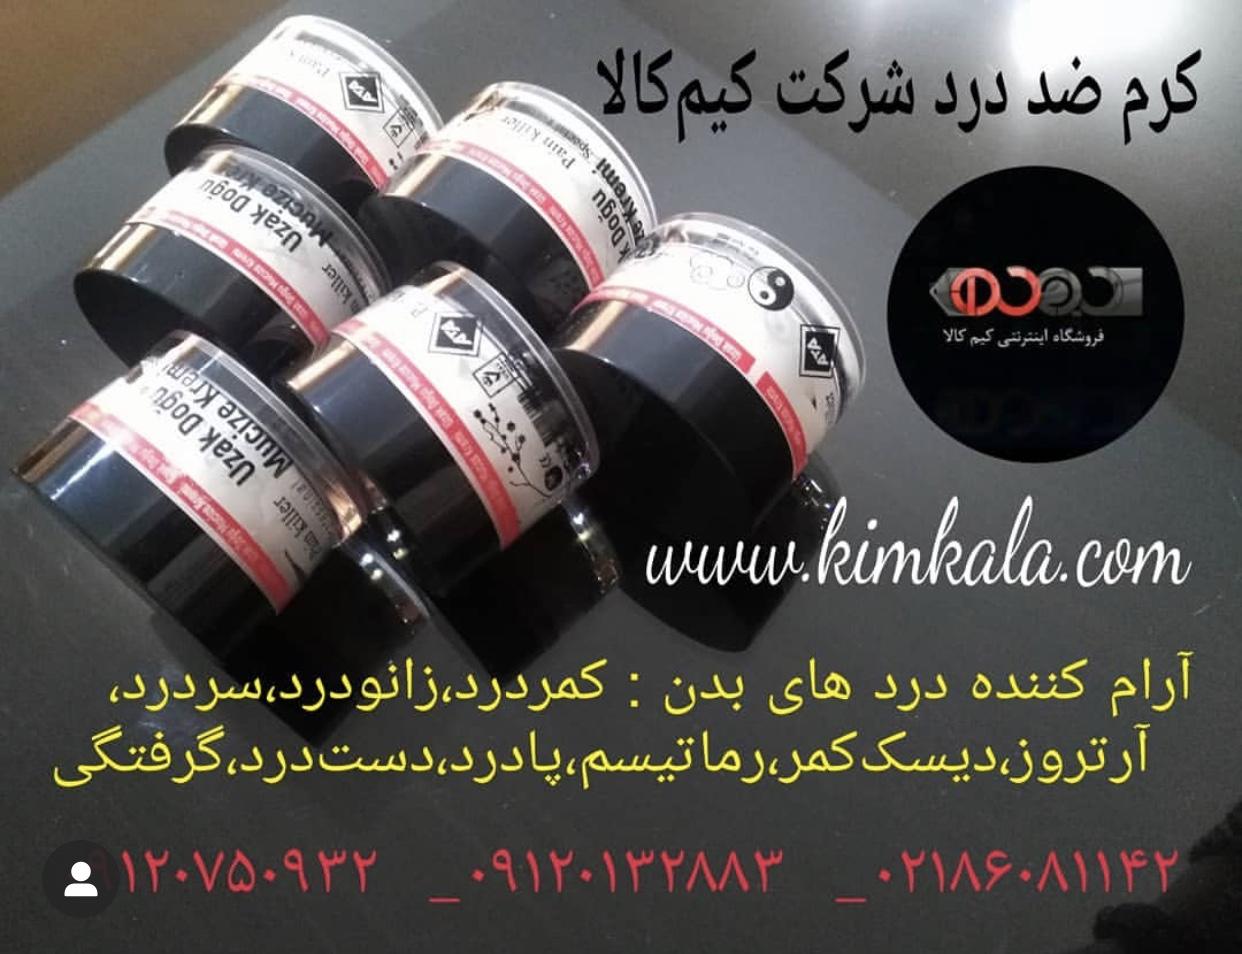 پماد ضد درد 09120750932 رفع دردهای مفصلی افراد مسن